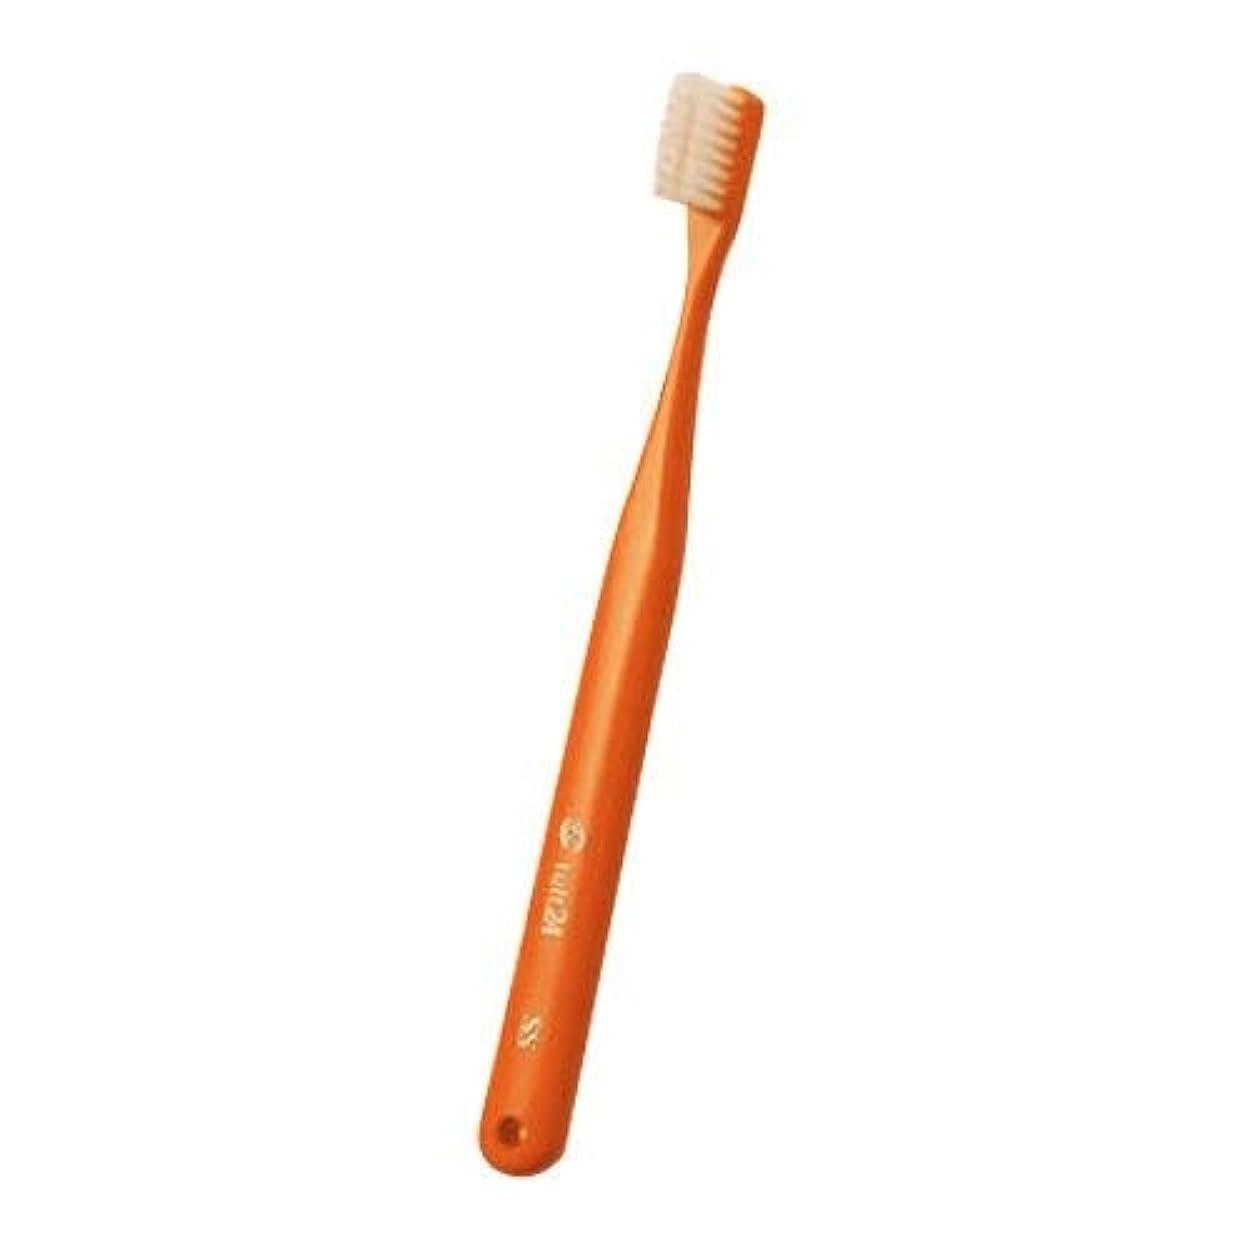 ベール家事左オーラルケア キャップ付き タフト 24 歯ブラシ スーパーソフト 1本 (オレンジ)